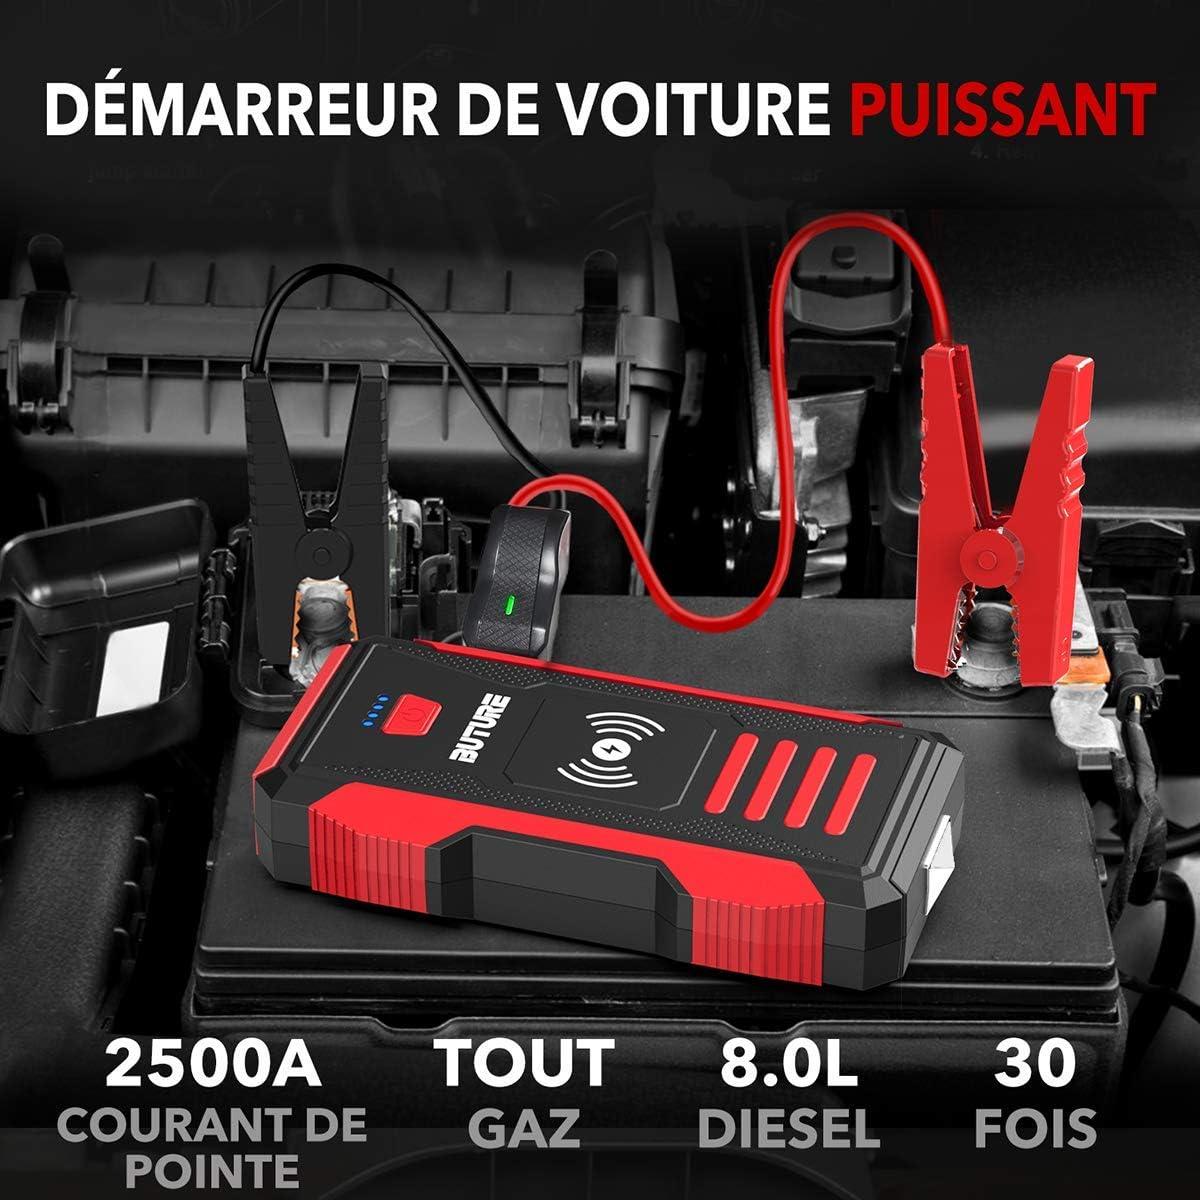 BuTure Booster Batterie Tout Gaz ou 8,0 L Diesel 23800mAh D/émarrage de Voiture Cr/ête 2500A Chargeur sans Fil10W et Portable Jump Starter 2 en 1